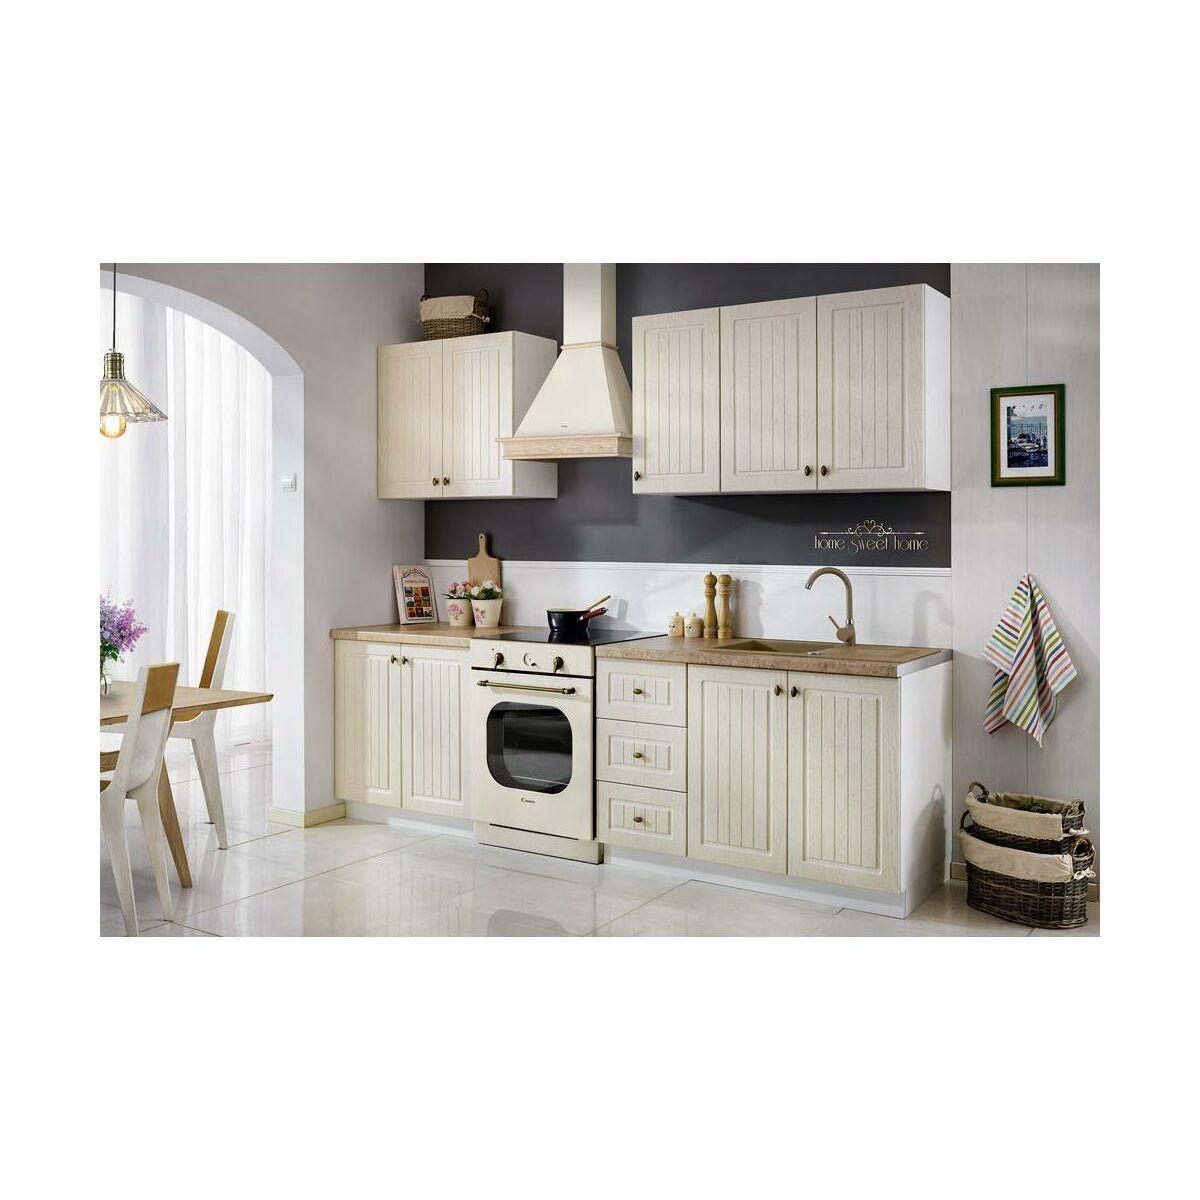 Zestaw mebli kuchennych LEA kolor dąb prowansalski MEBLE   -> Wnetrza Leroy Merlin Kuchnia